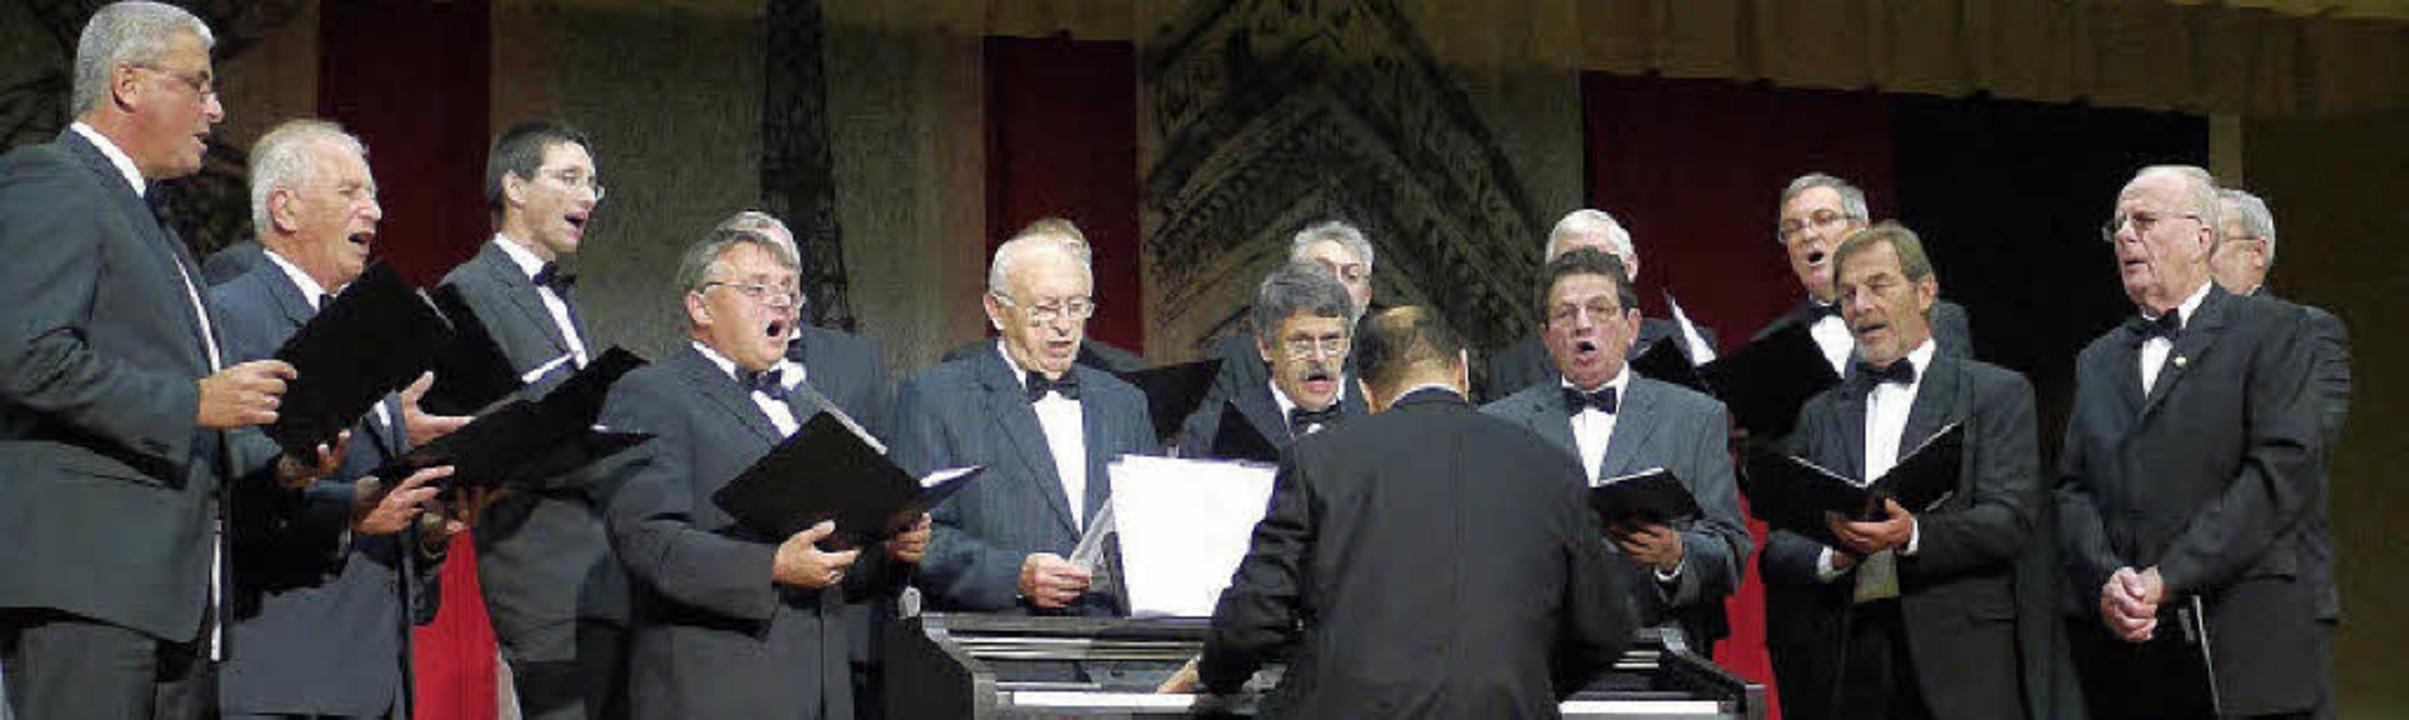 Die Windener Chorsänger gestalteten ei...s, zu dem sie Gäste eingeladen hatten.  | Foto: Eberhard Weiß